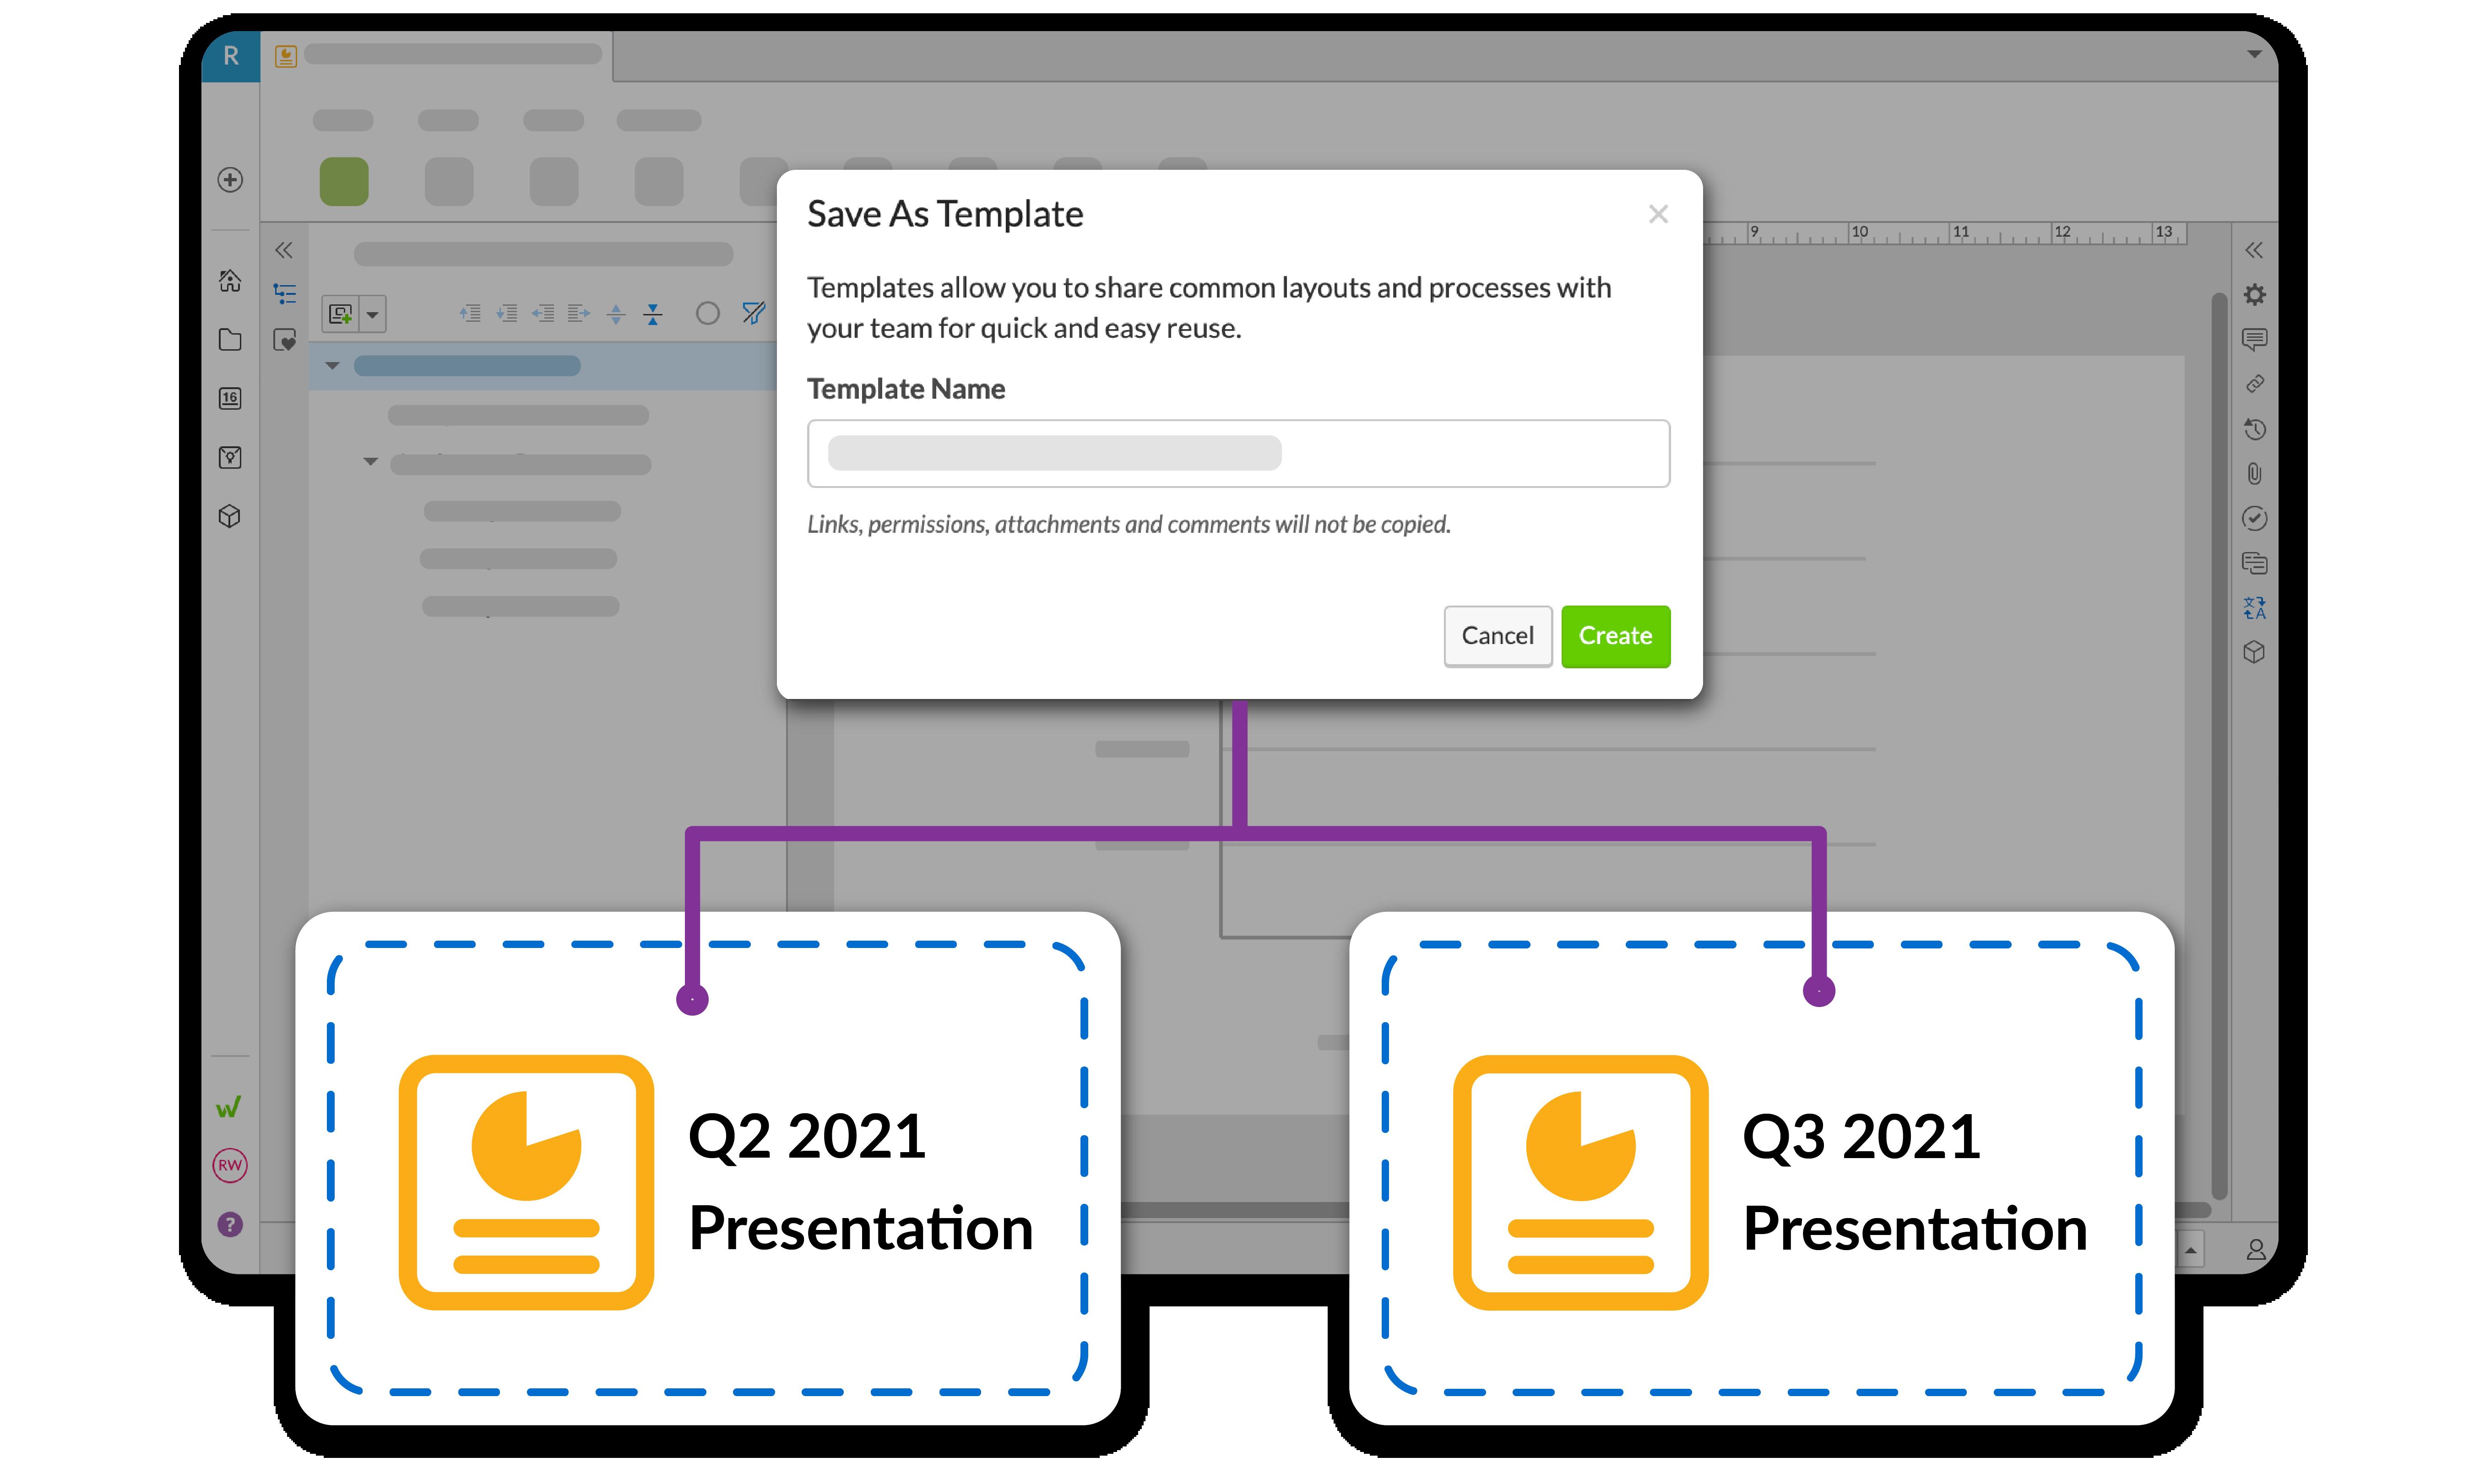 テンプレートは、すべてのデザインとコンテンツをファイルから再利用可能なプレゼンテーションベースへコピーします